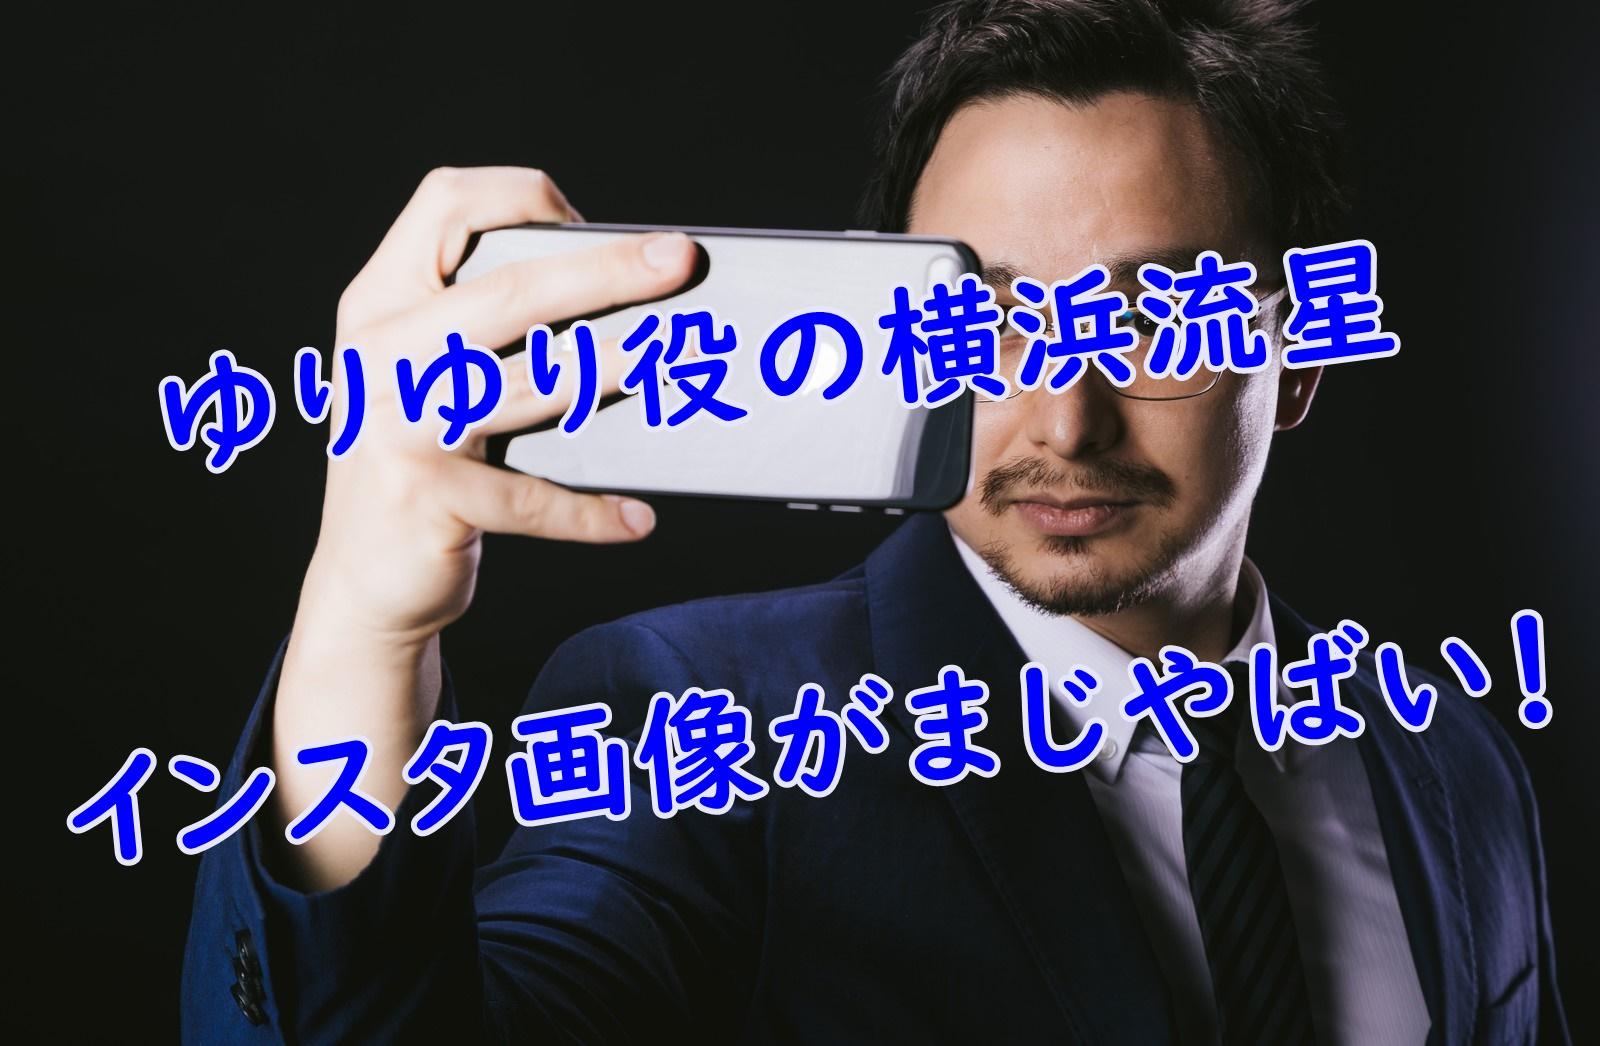 漢字 平野紫耀 弟 りく